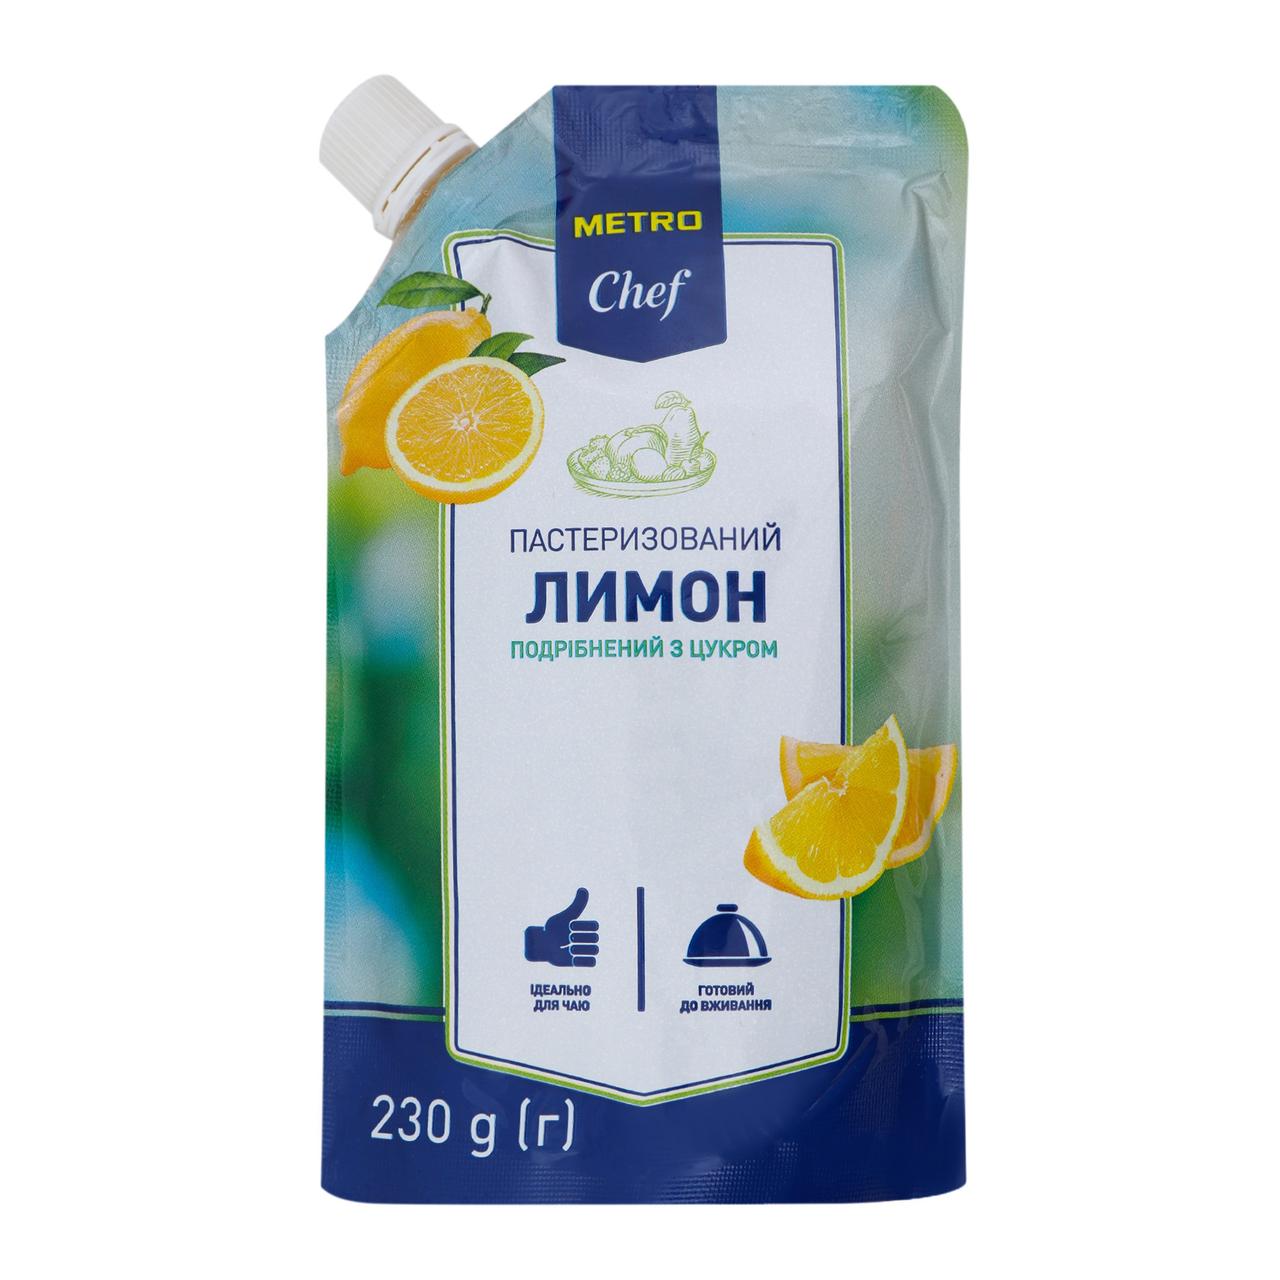 Лимон Metro Chef подрібнений з цукром пастеризований 230г